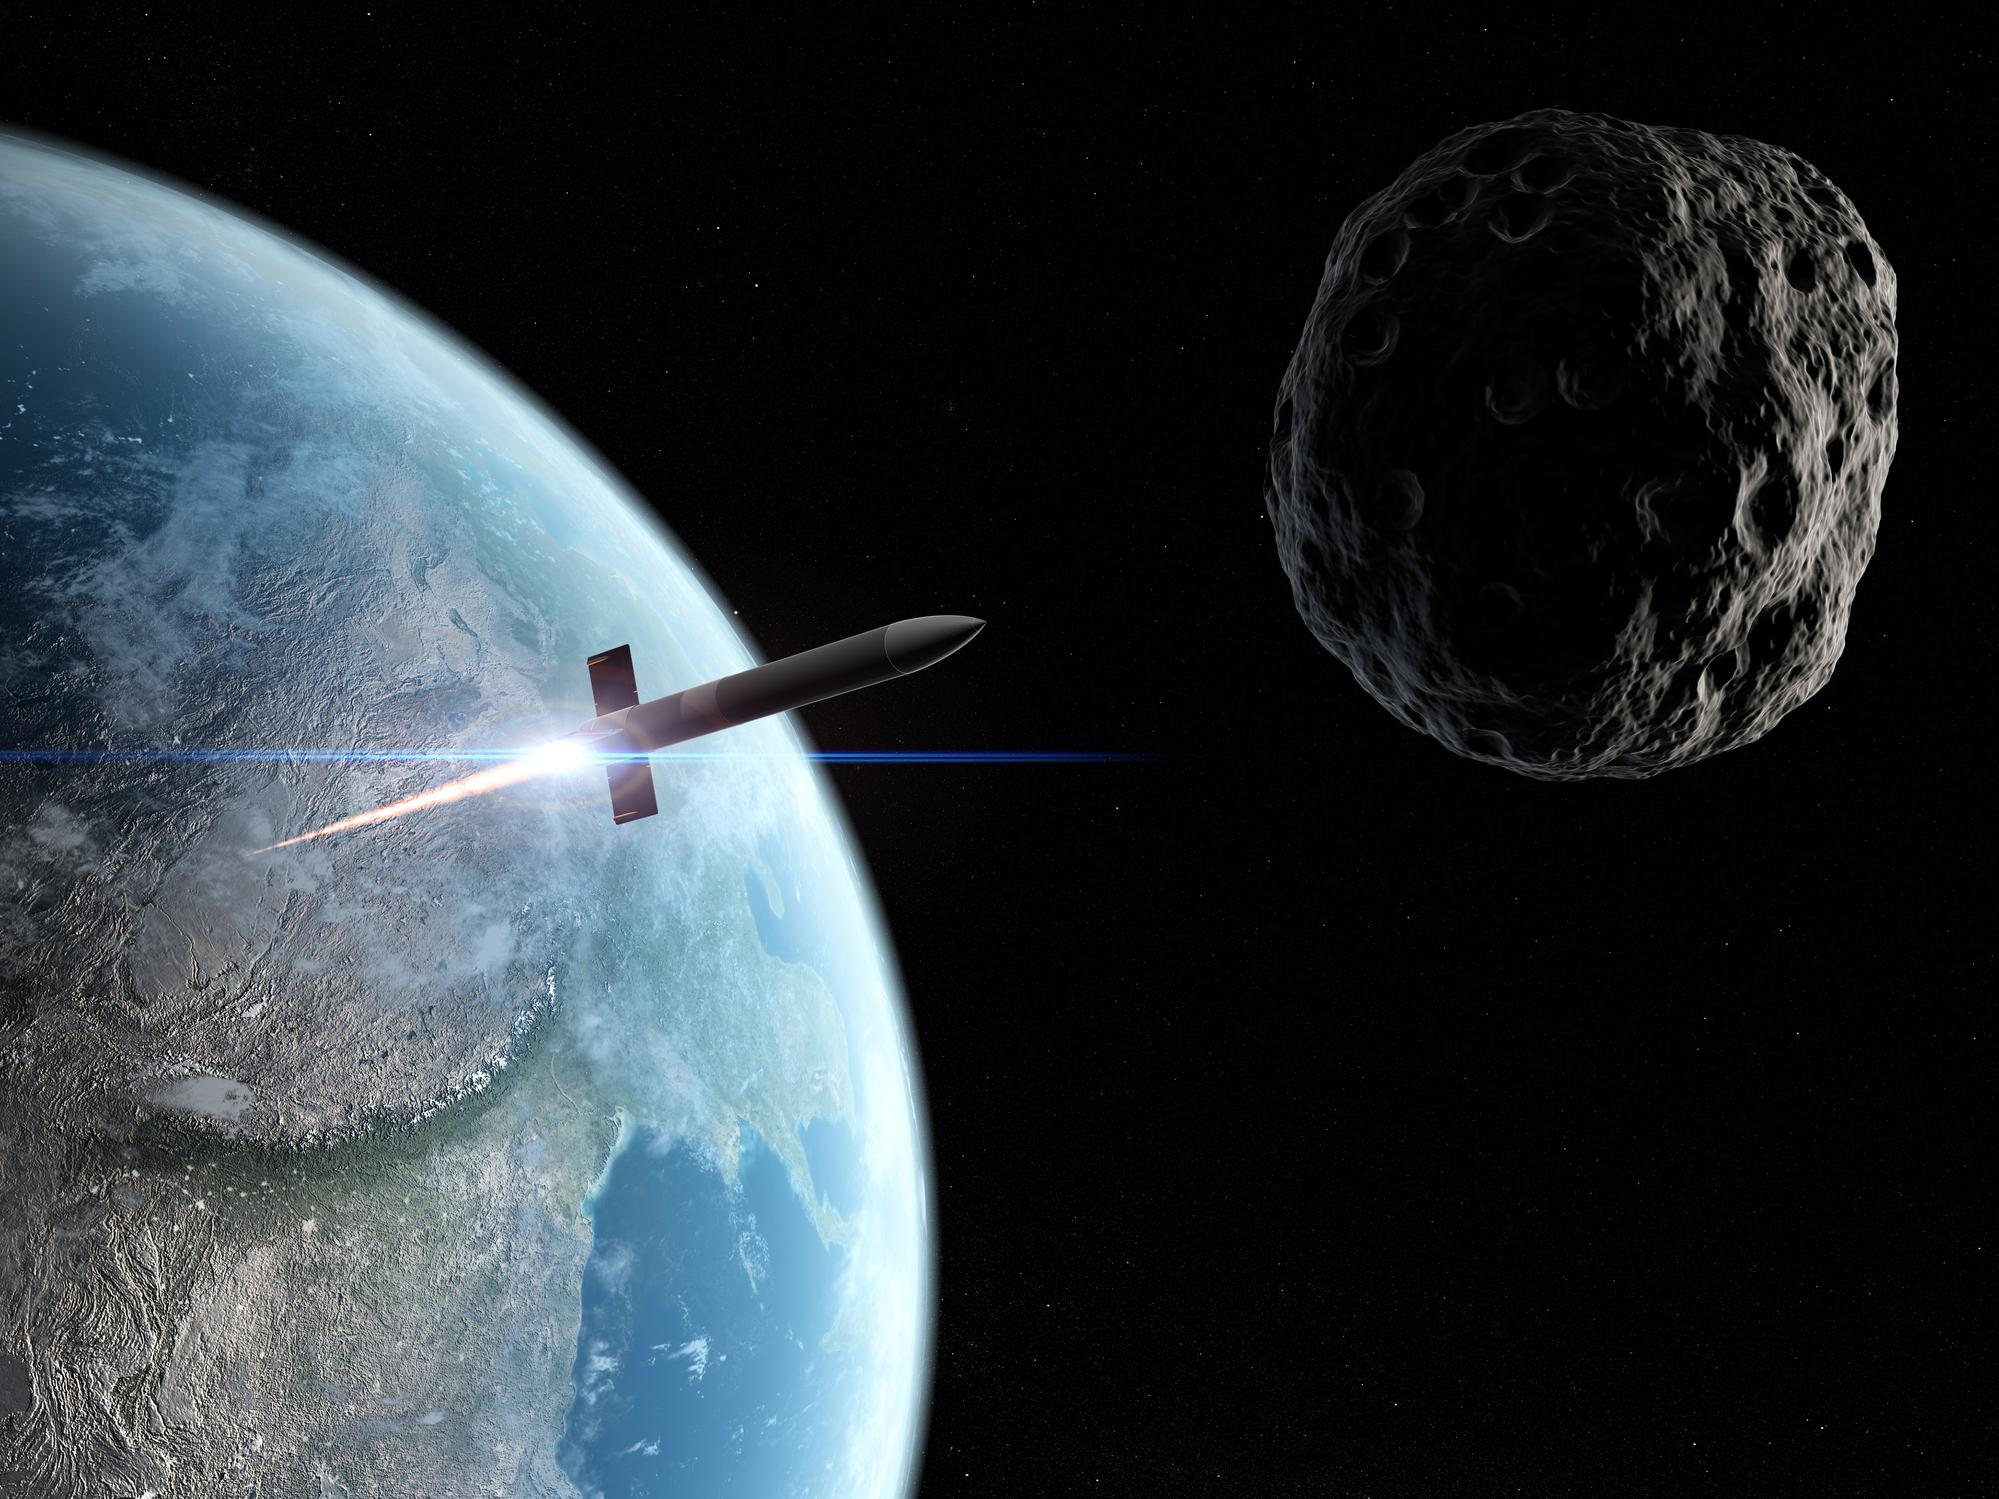 România face parte dintr-un proiect istoric, care are scopul de a apăra planeta de asteroizi. Despre ce este vorba